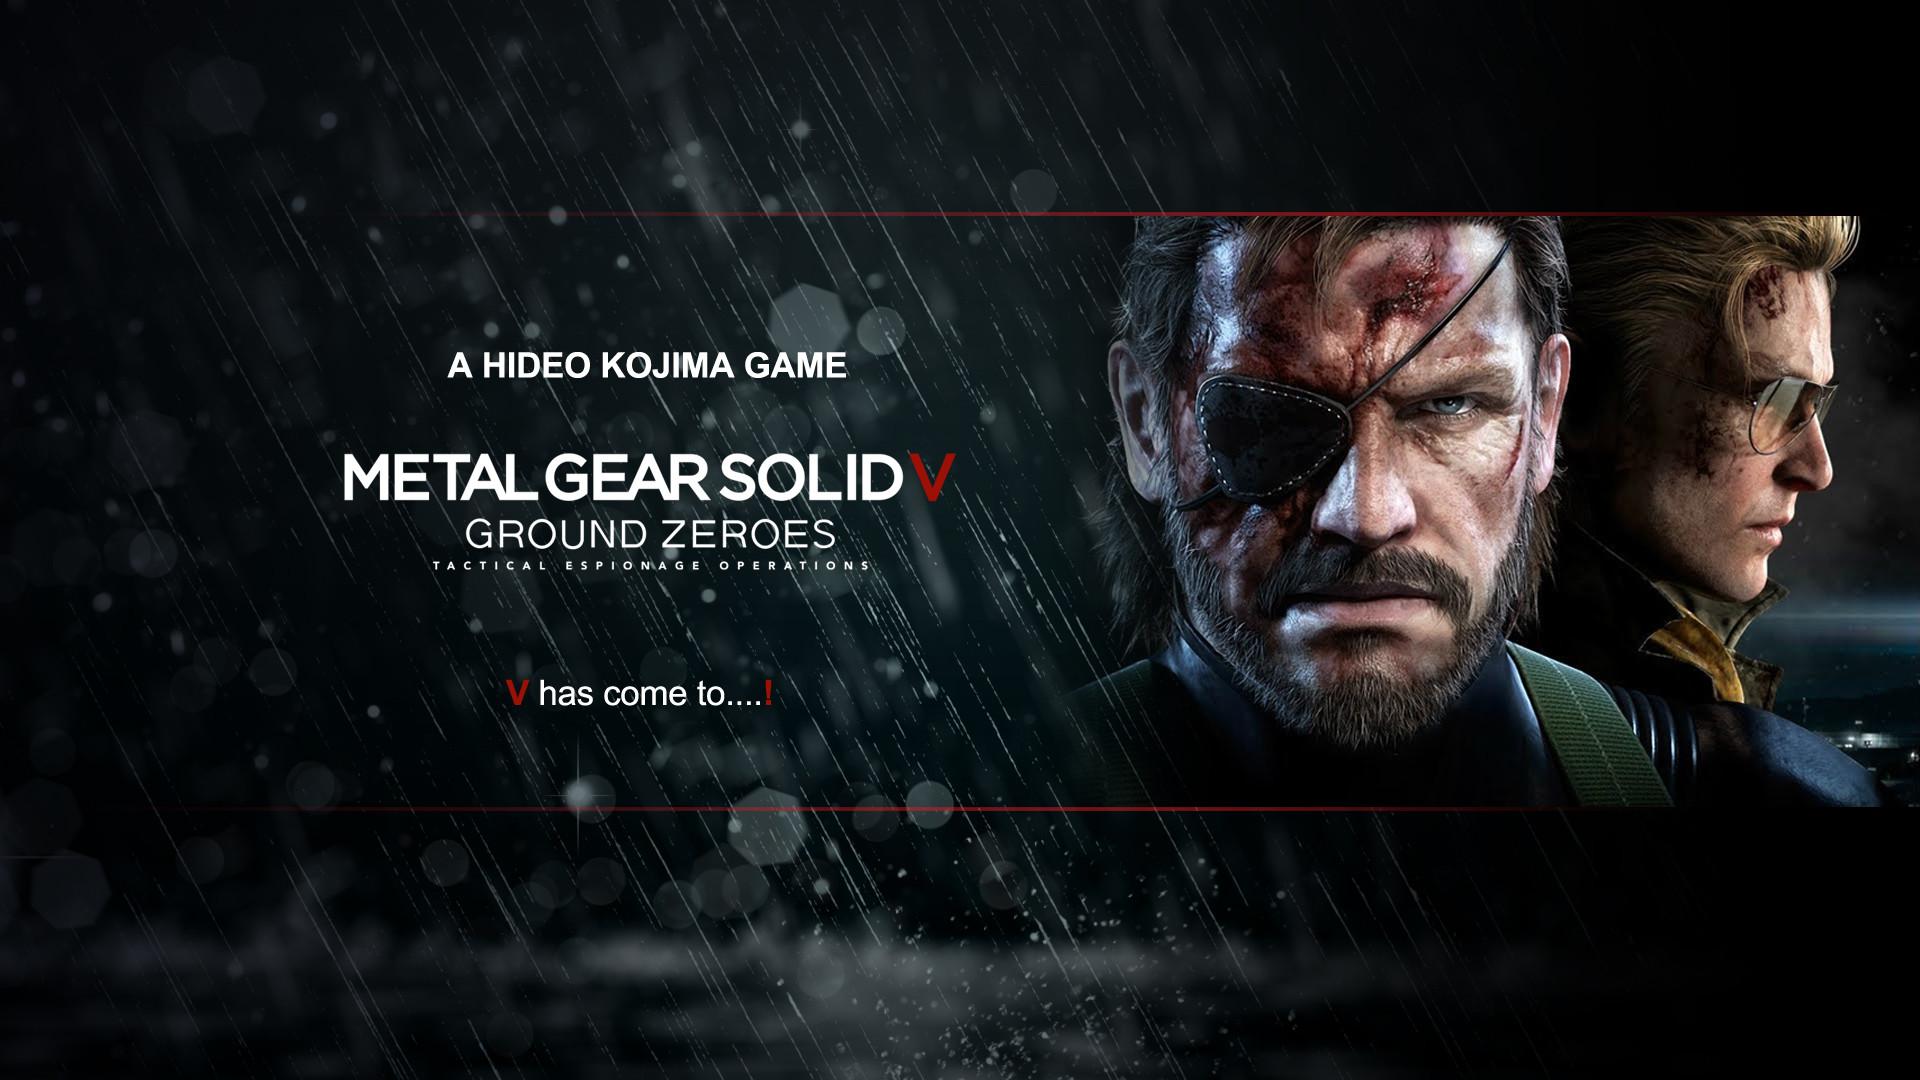 Metal Gear Solid 5 Wallpapers – WallpaperSafari